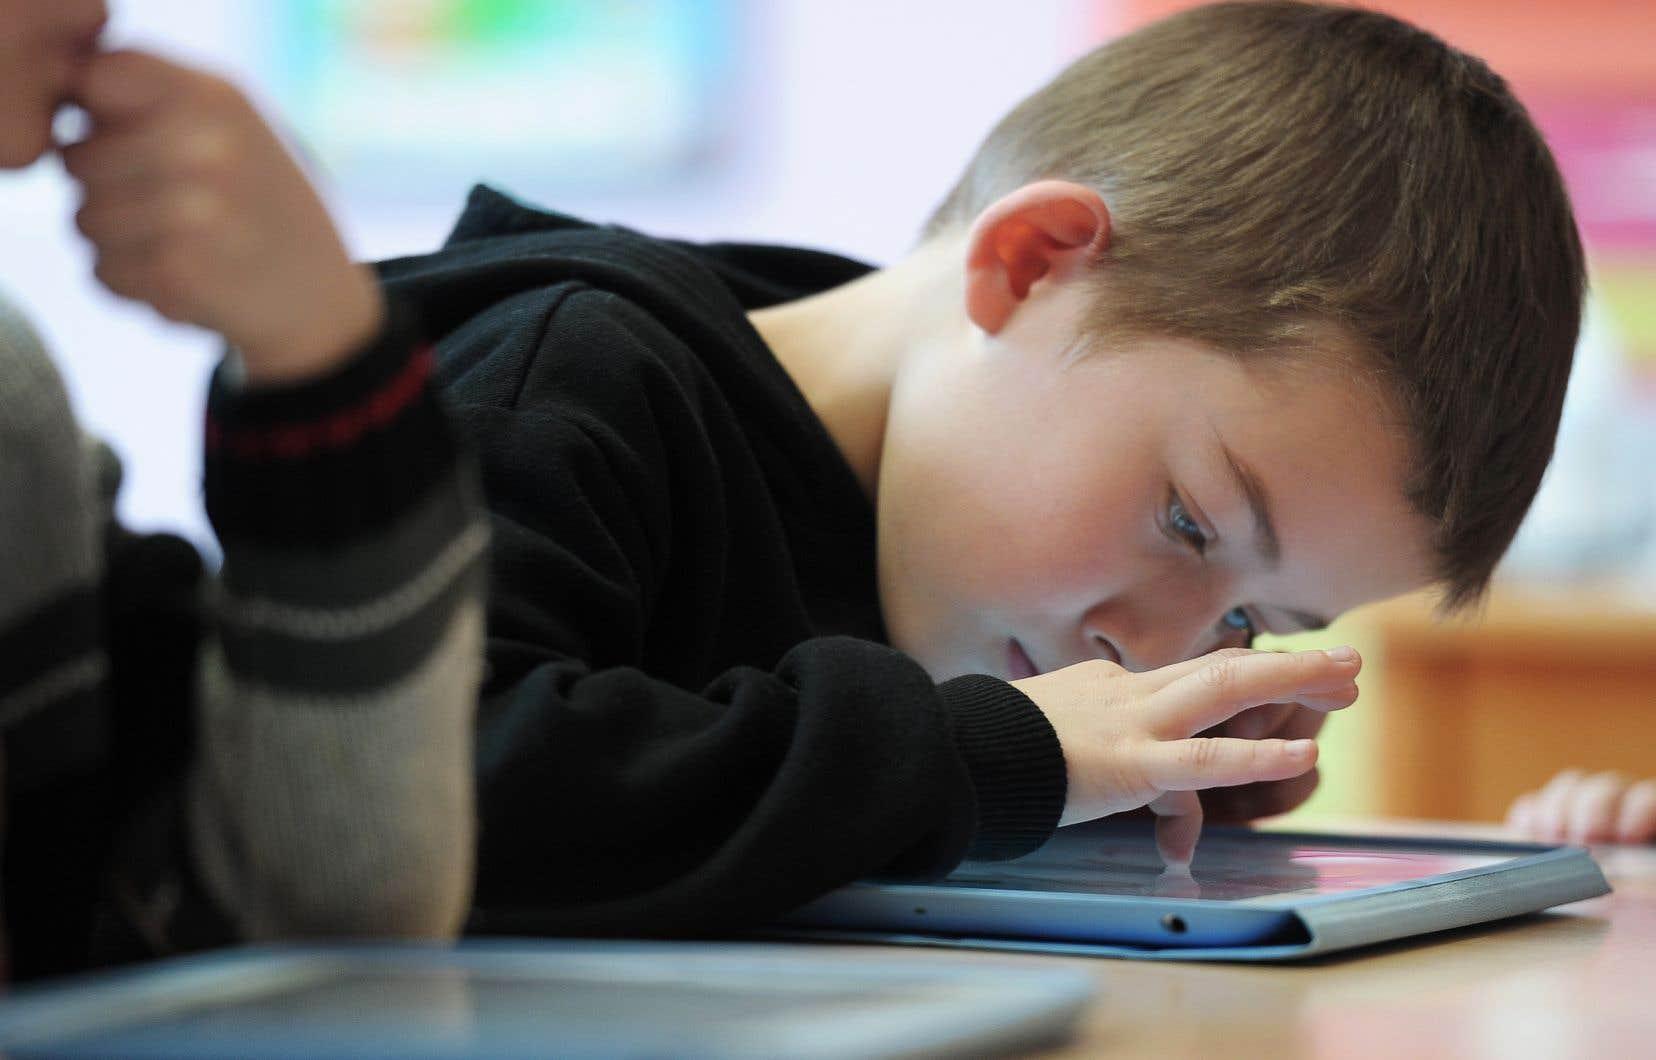 Cette réserve de matériel informatique vise à ce que tous les élèves du Québec puissent avoir accès à un enseignement à distance de qualité, peu importe la situation.